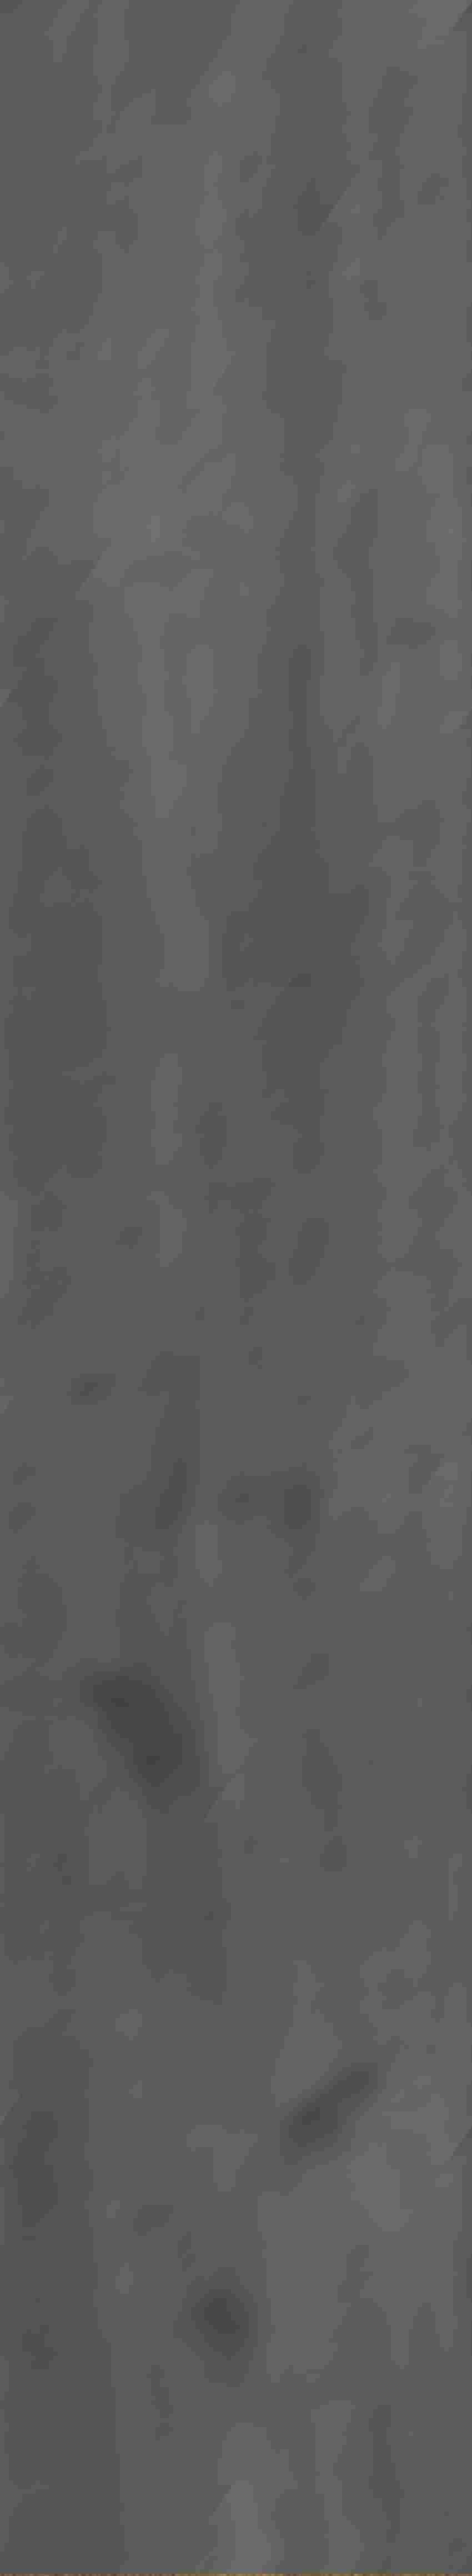 Płytka ścienno-podłogowa Cerrad Giornata Marrone 5